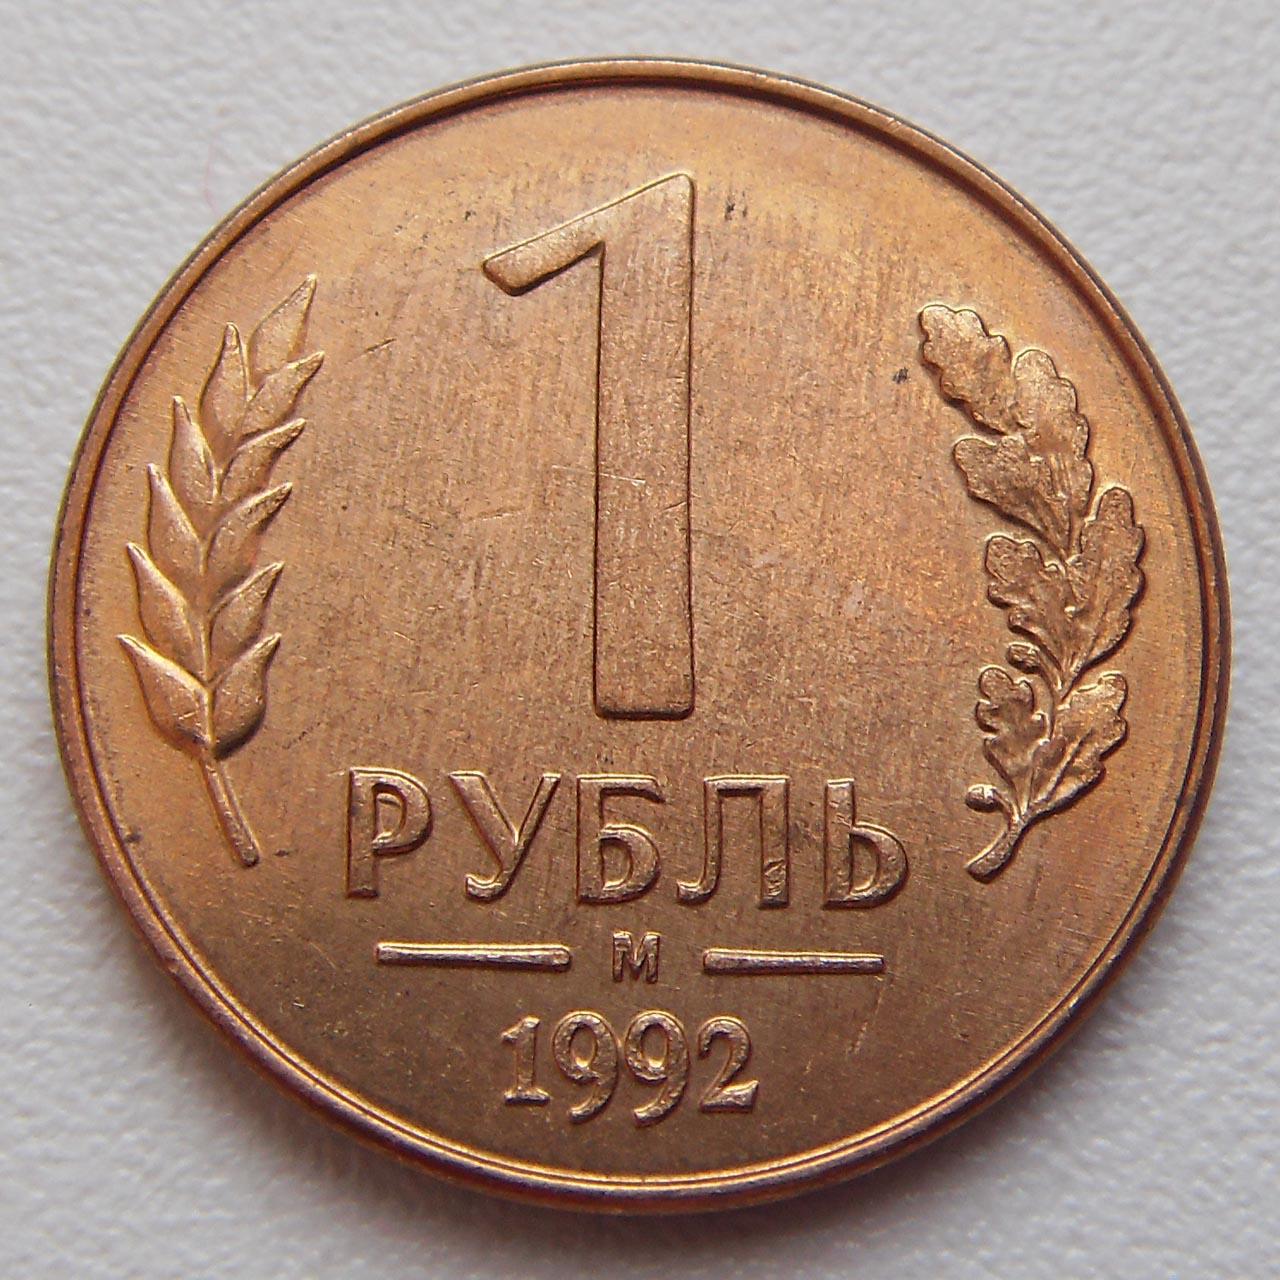 Выпущенные монеты с 1992 подделка проездных билетов